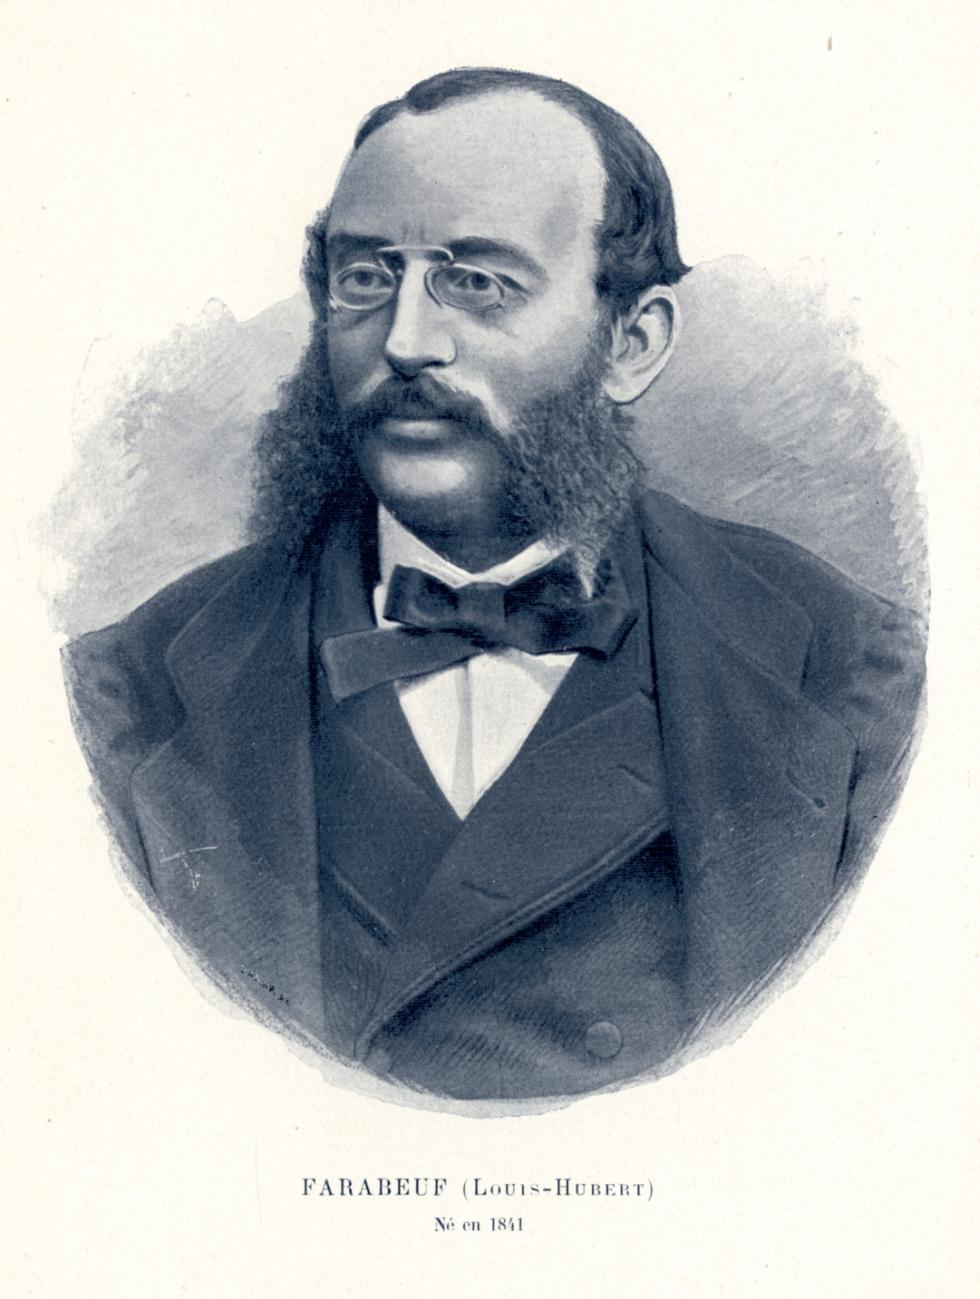 Farabeuf Louis-Hubert - Centenaire de la Faculté de médecine de Paris (1794-1894) - Médecins. 19e siècle (France) - med09858x02x0052